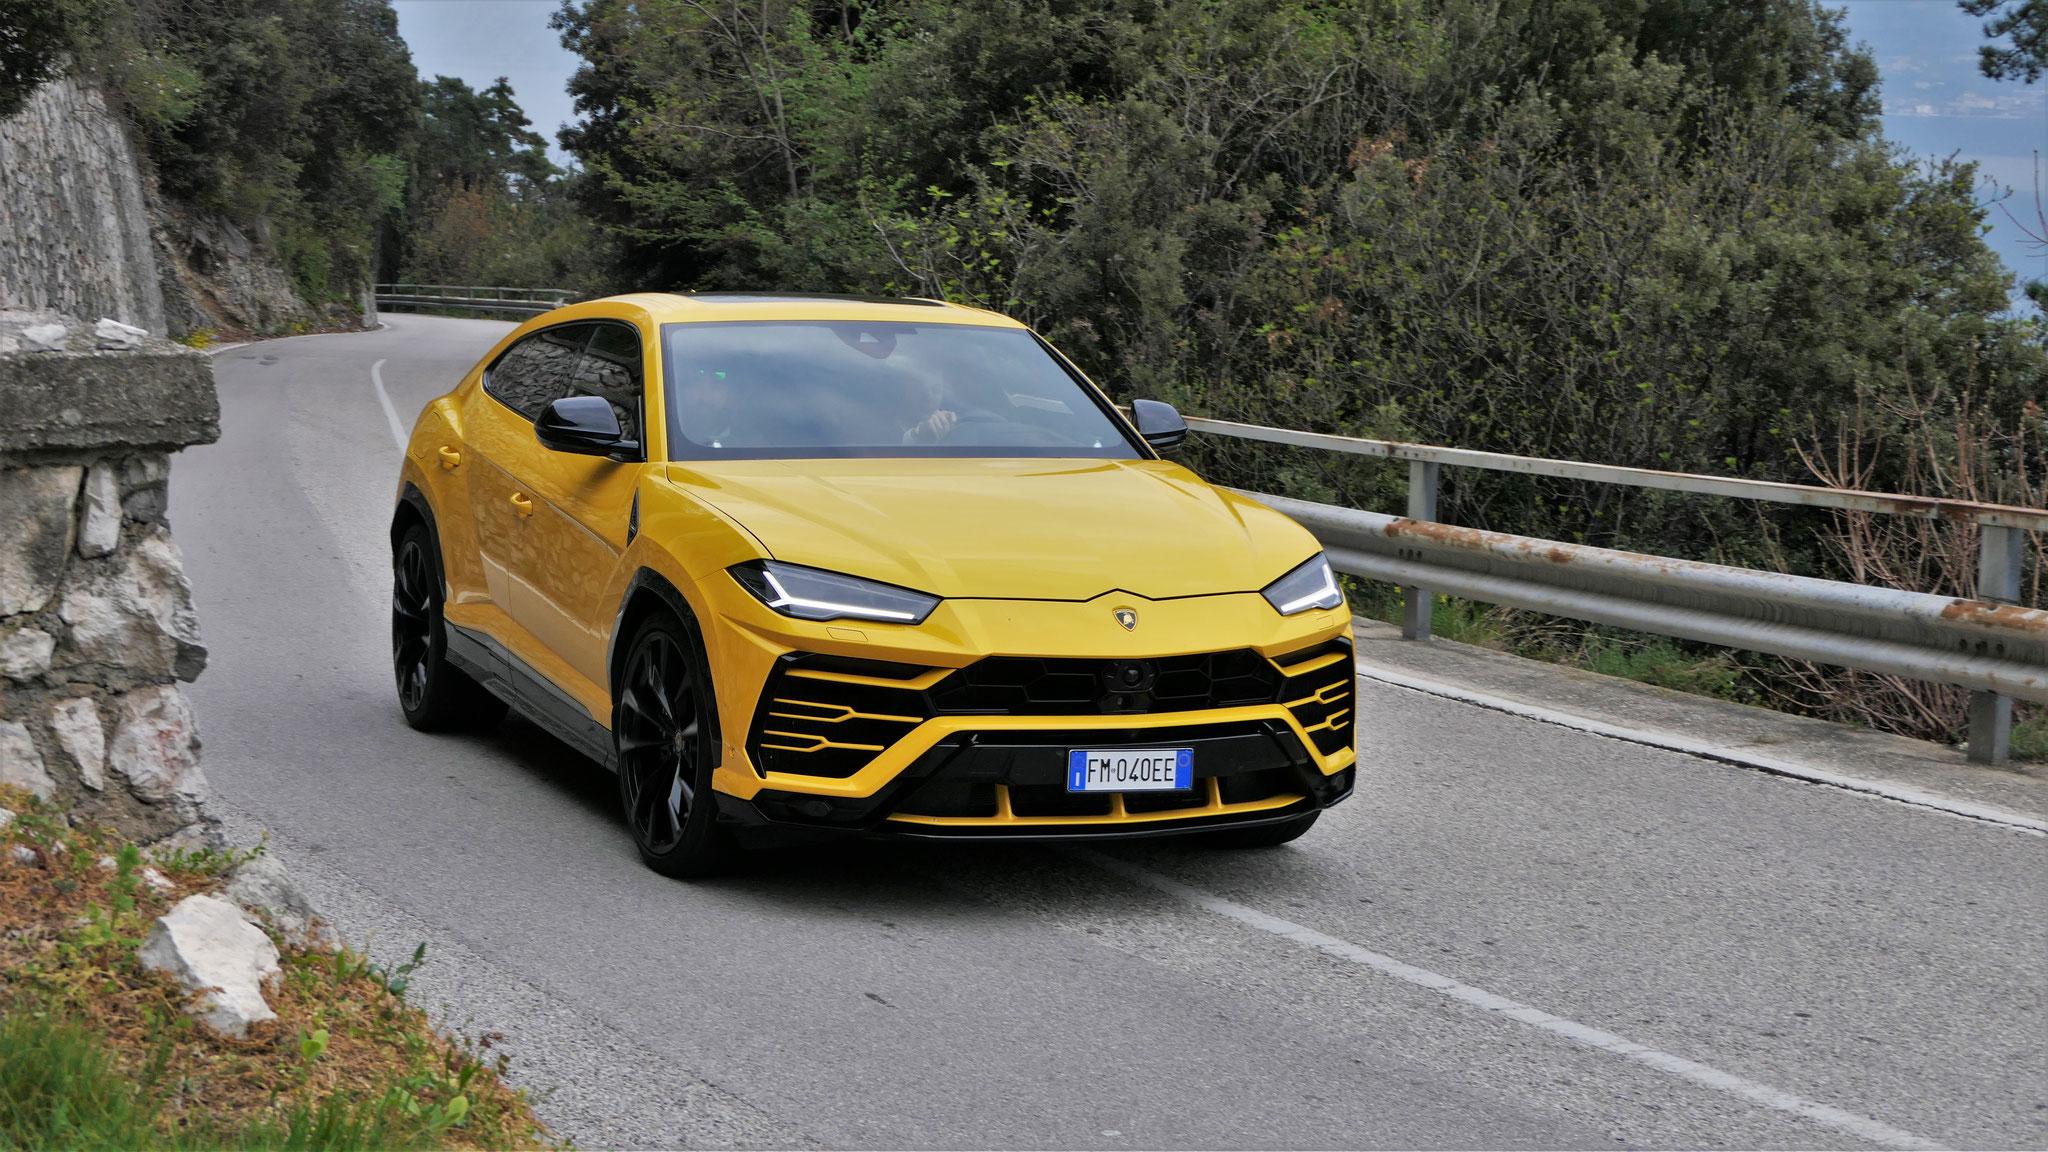 Lamborghini Urus - FM-040-EE (ITA)